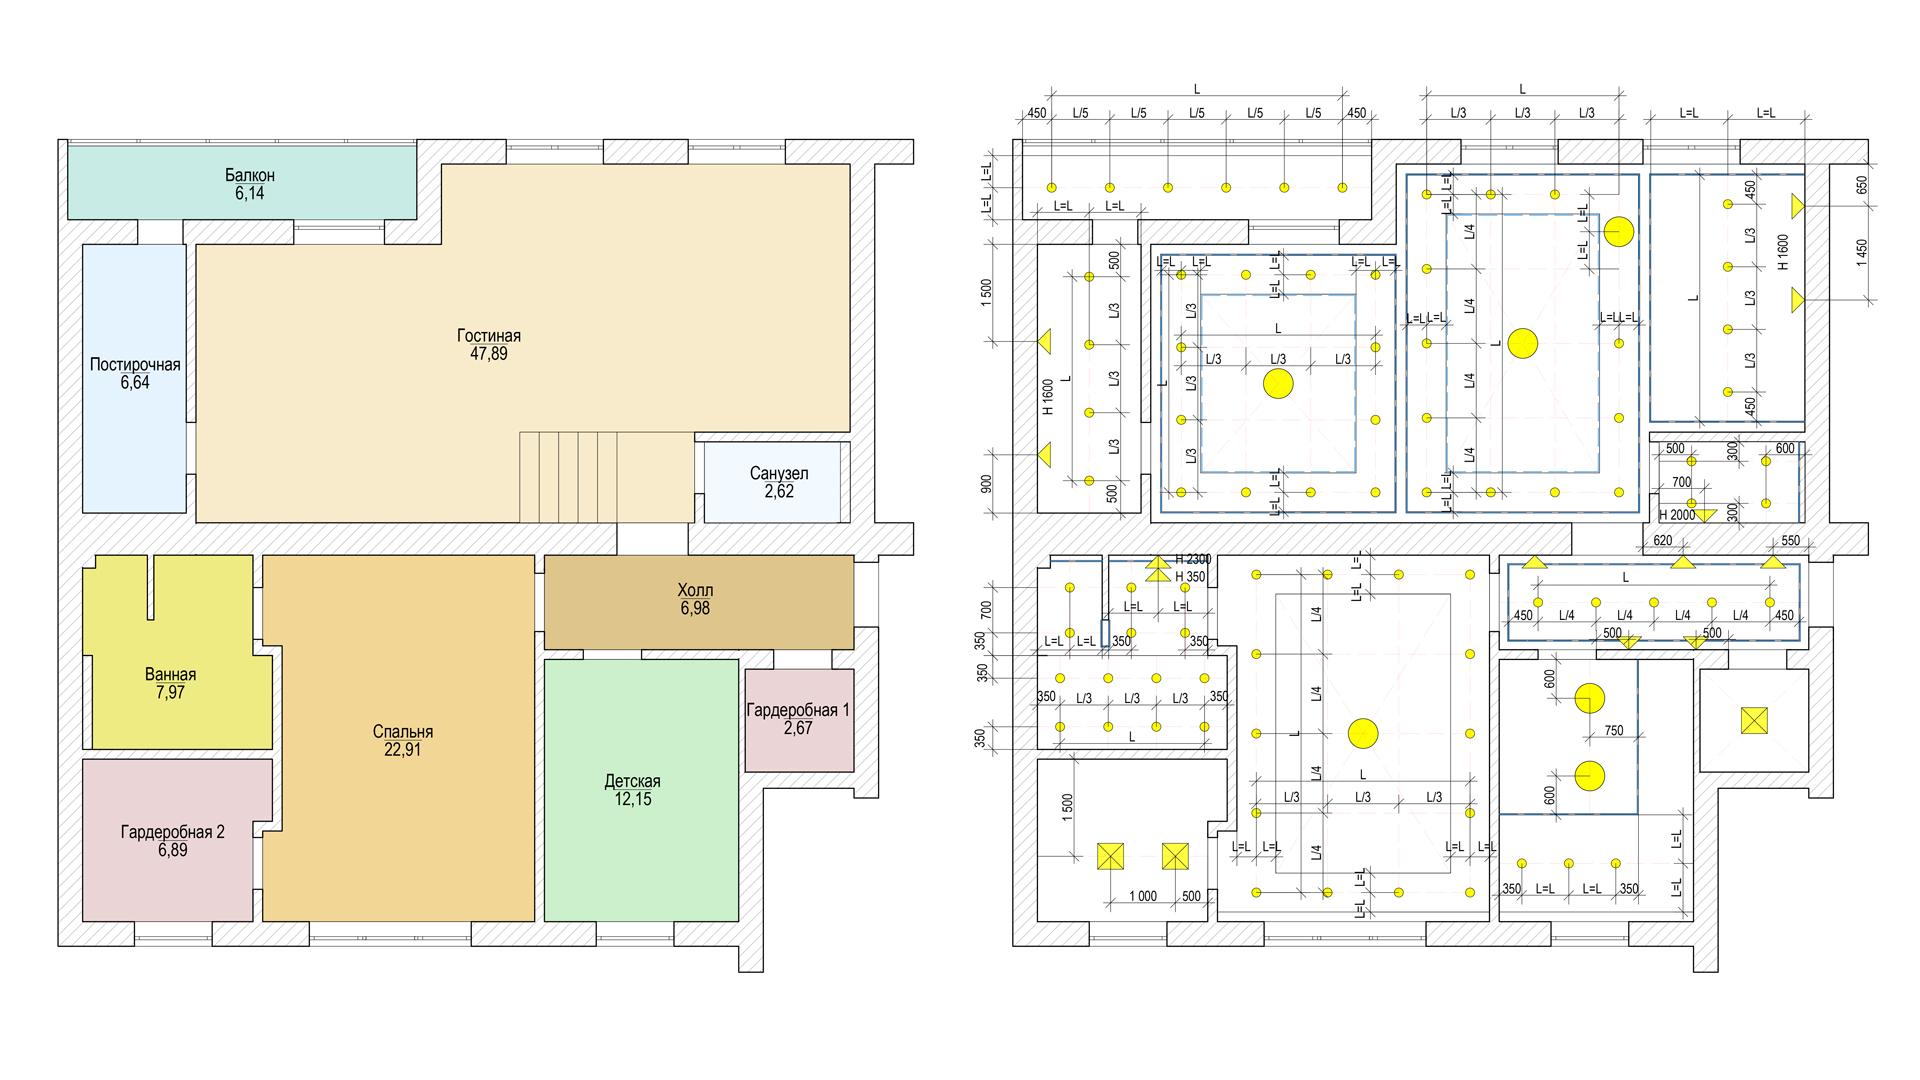 Чертежи расположения комнат и осветительных приборов